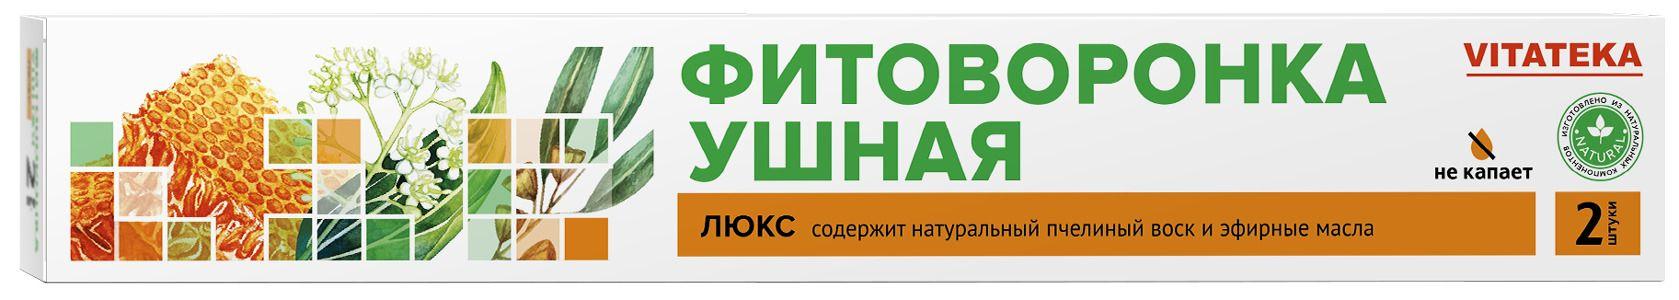 фото упаковки Витатека Фитоворонка ушная Люкс